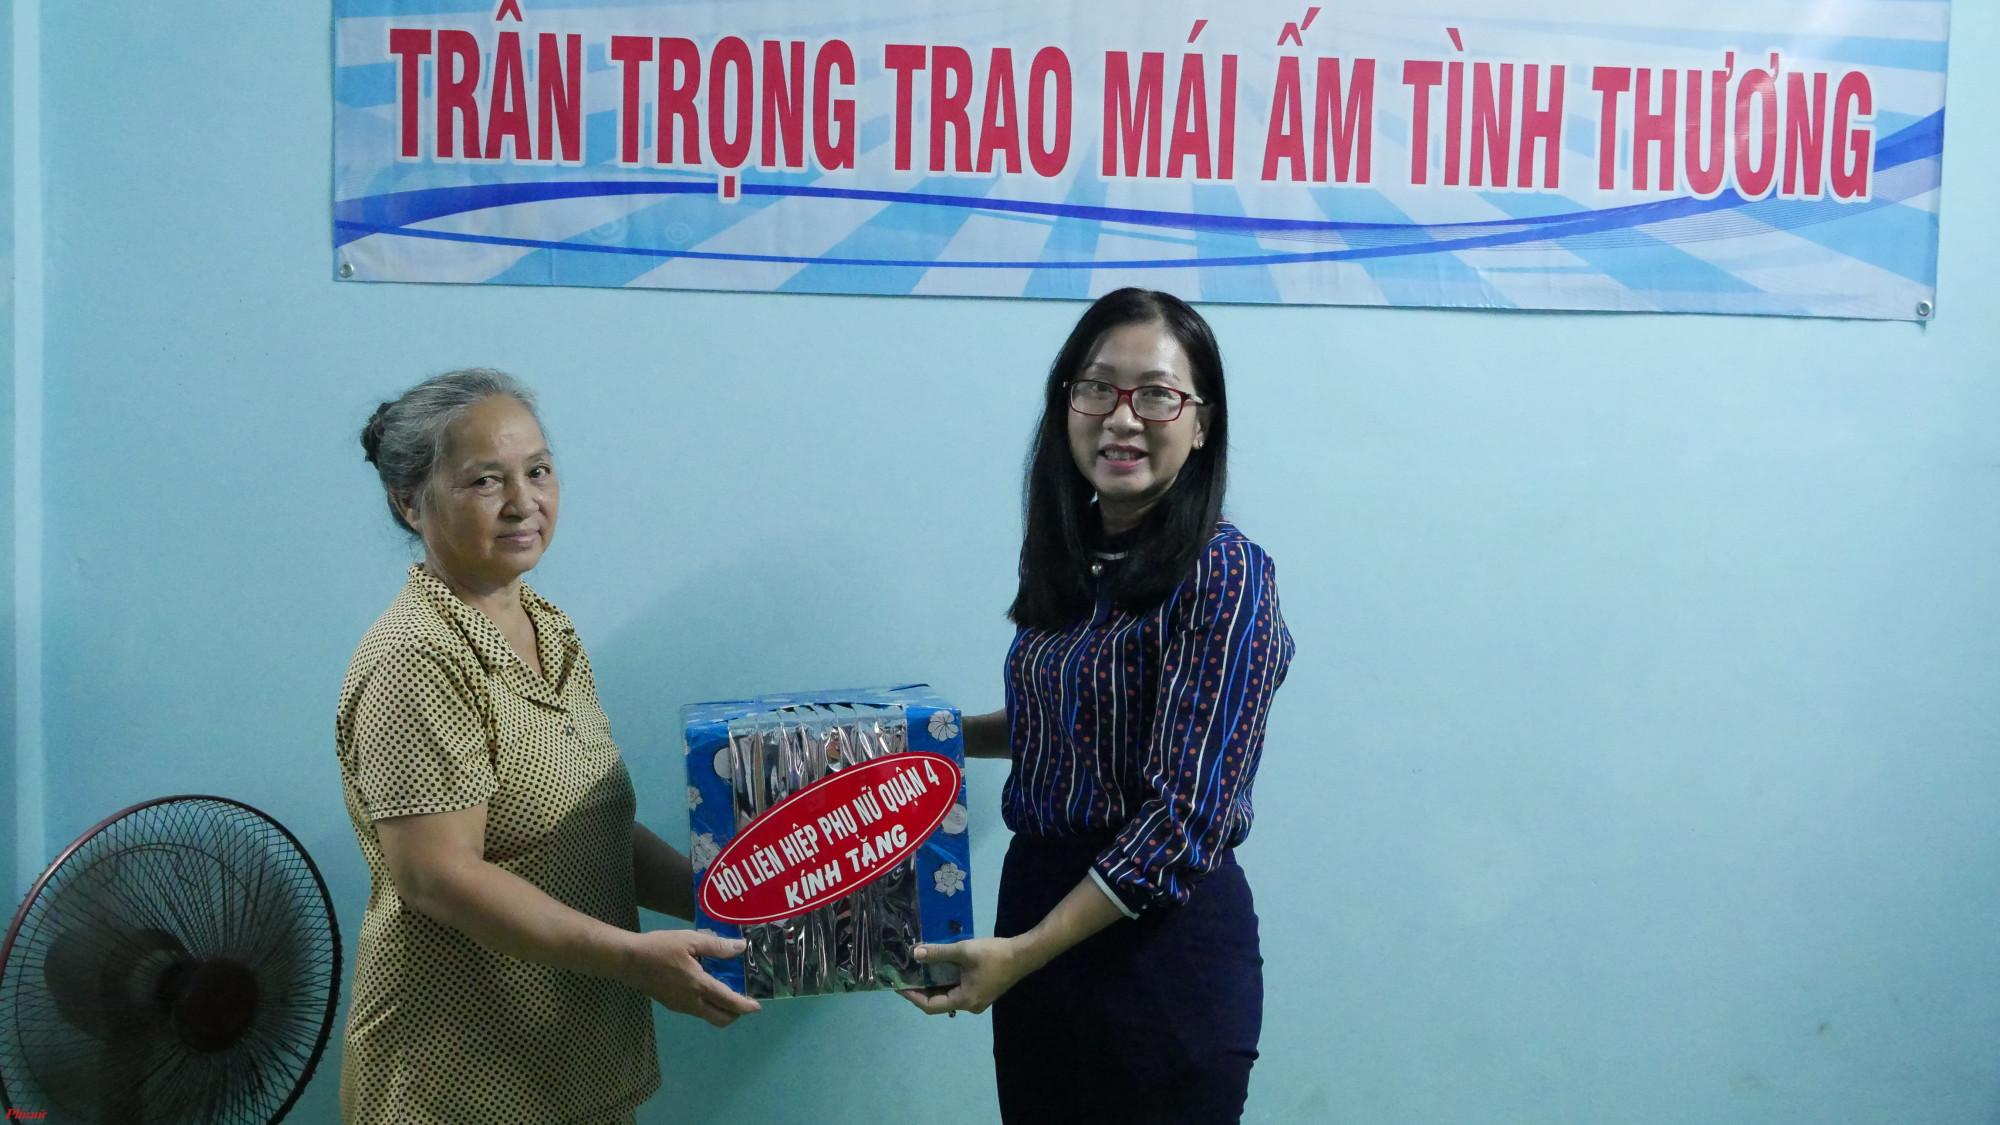 Hội LHPN quận 4 tặng quà chúc mừng gia đình dì Tuyết trong ngày nhận được mái ấm tình thương.